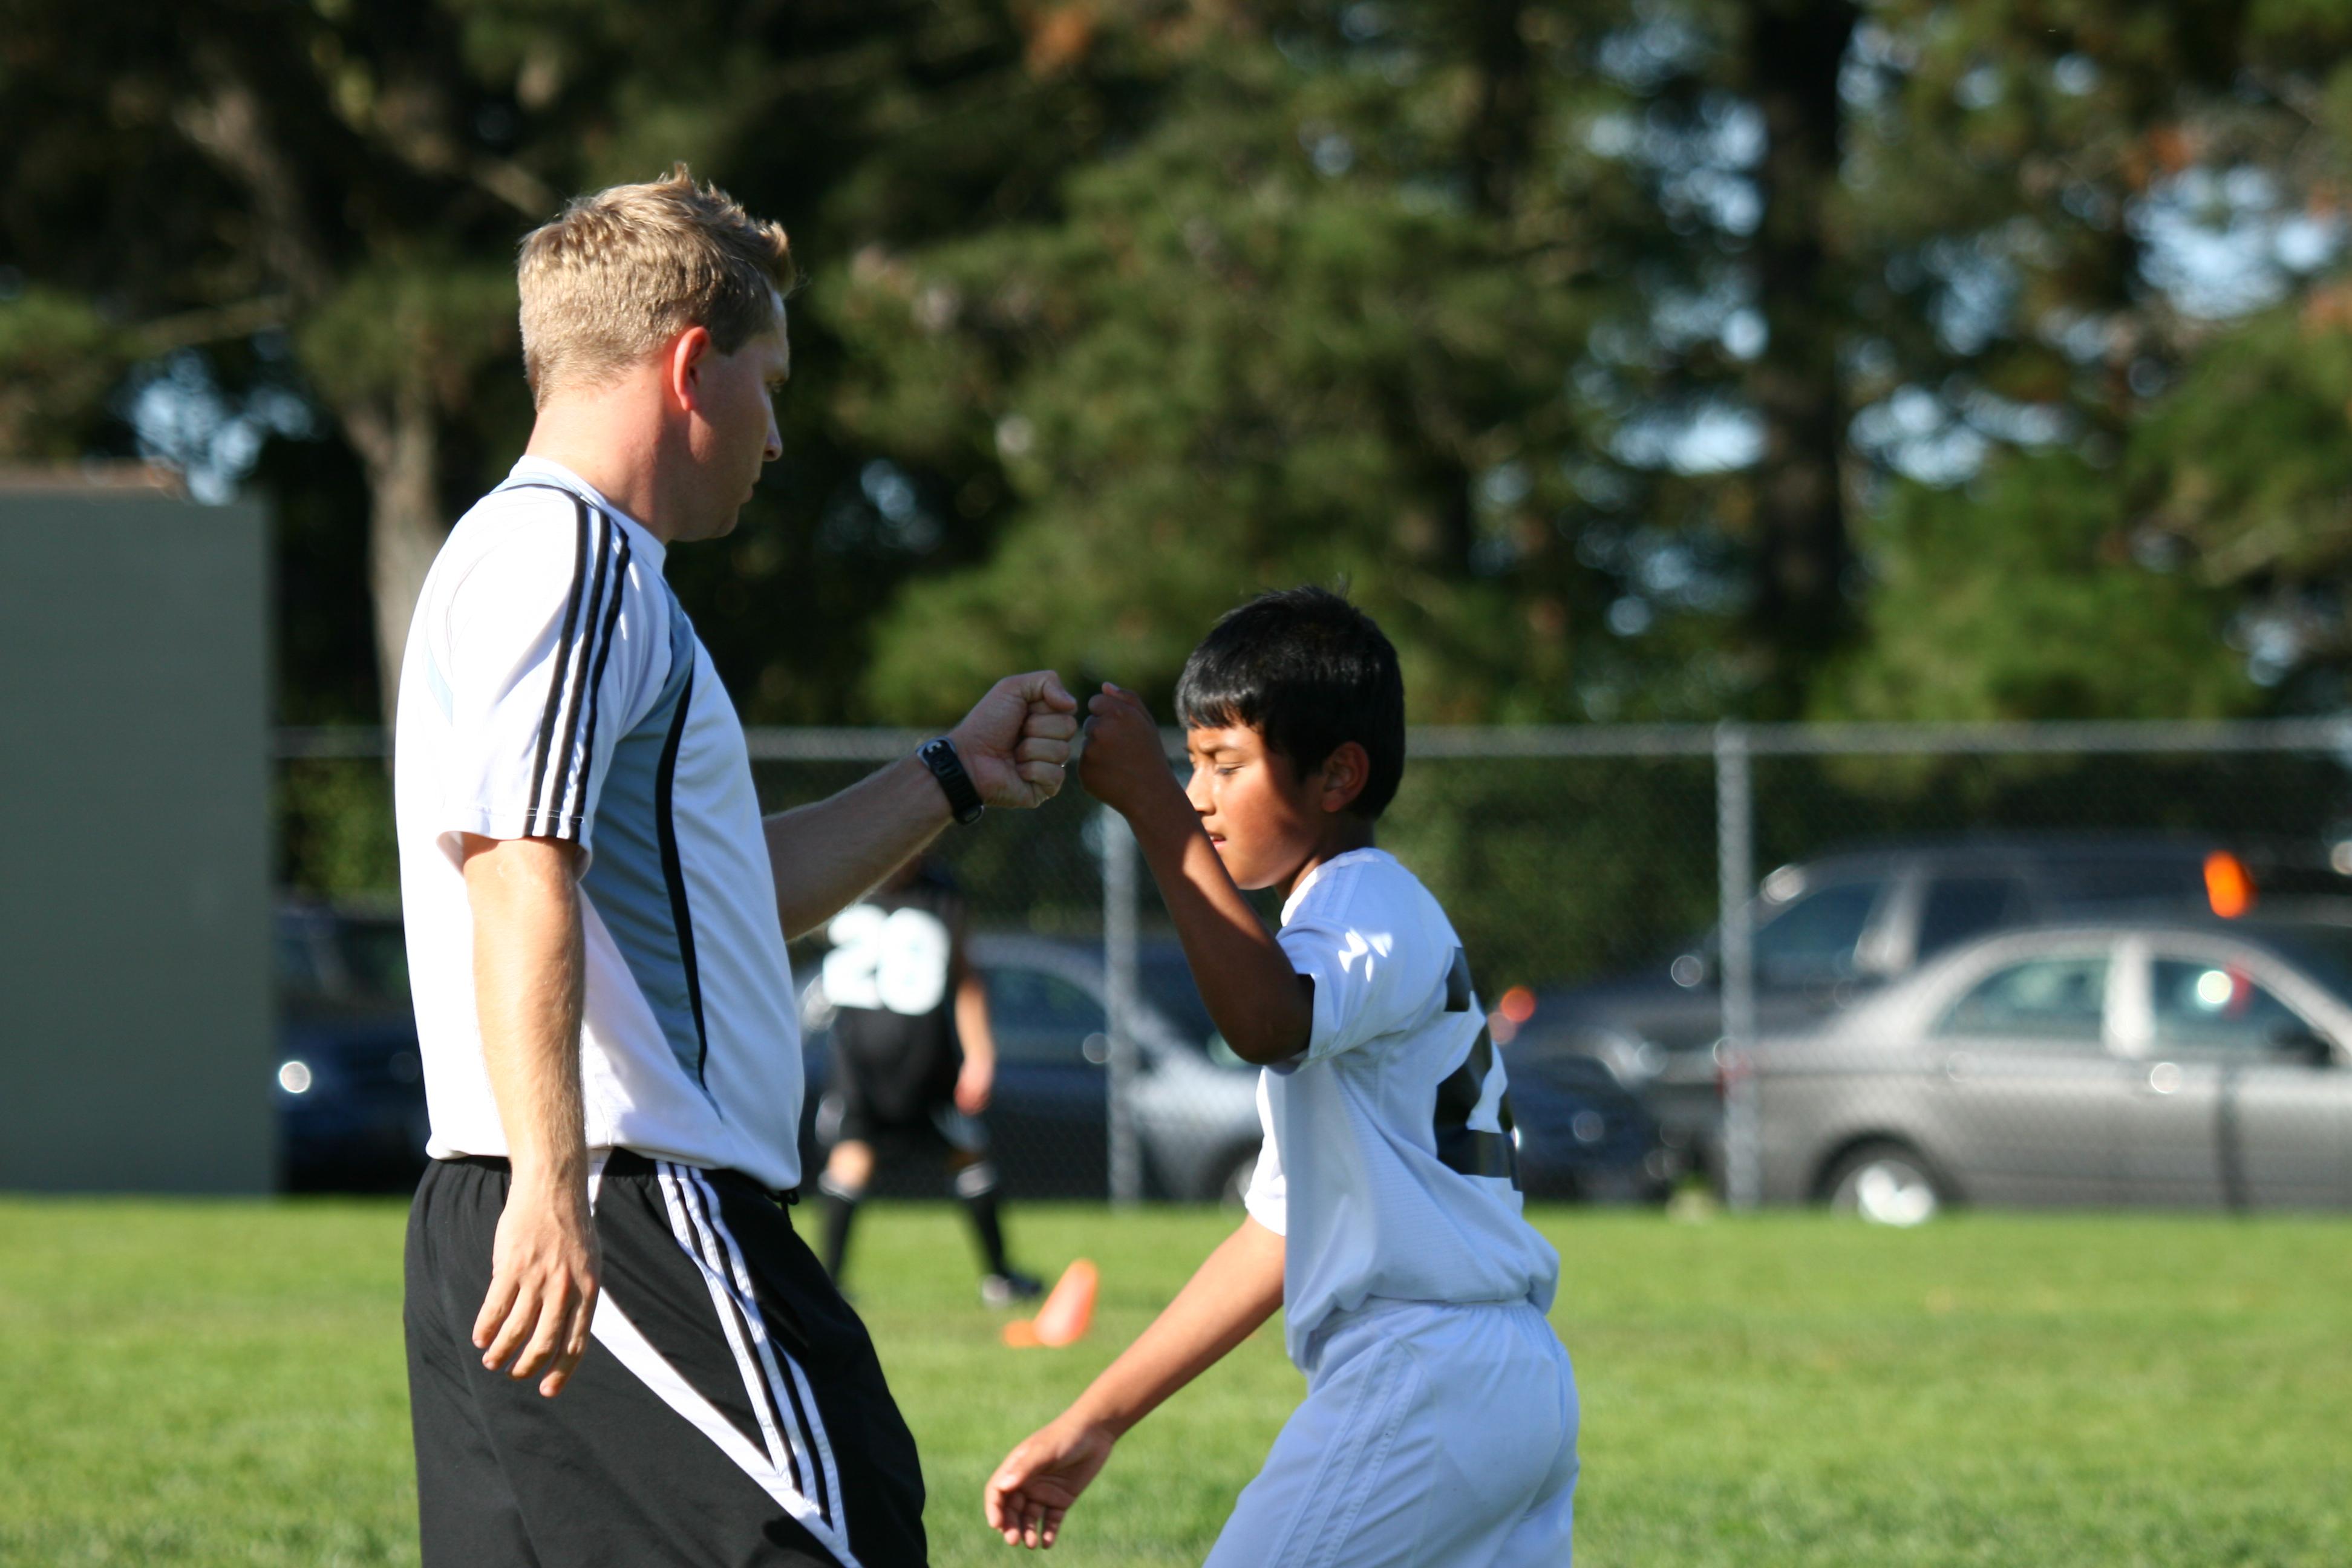 sports pressure on kids